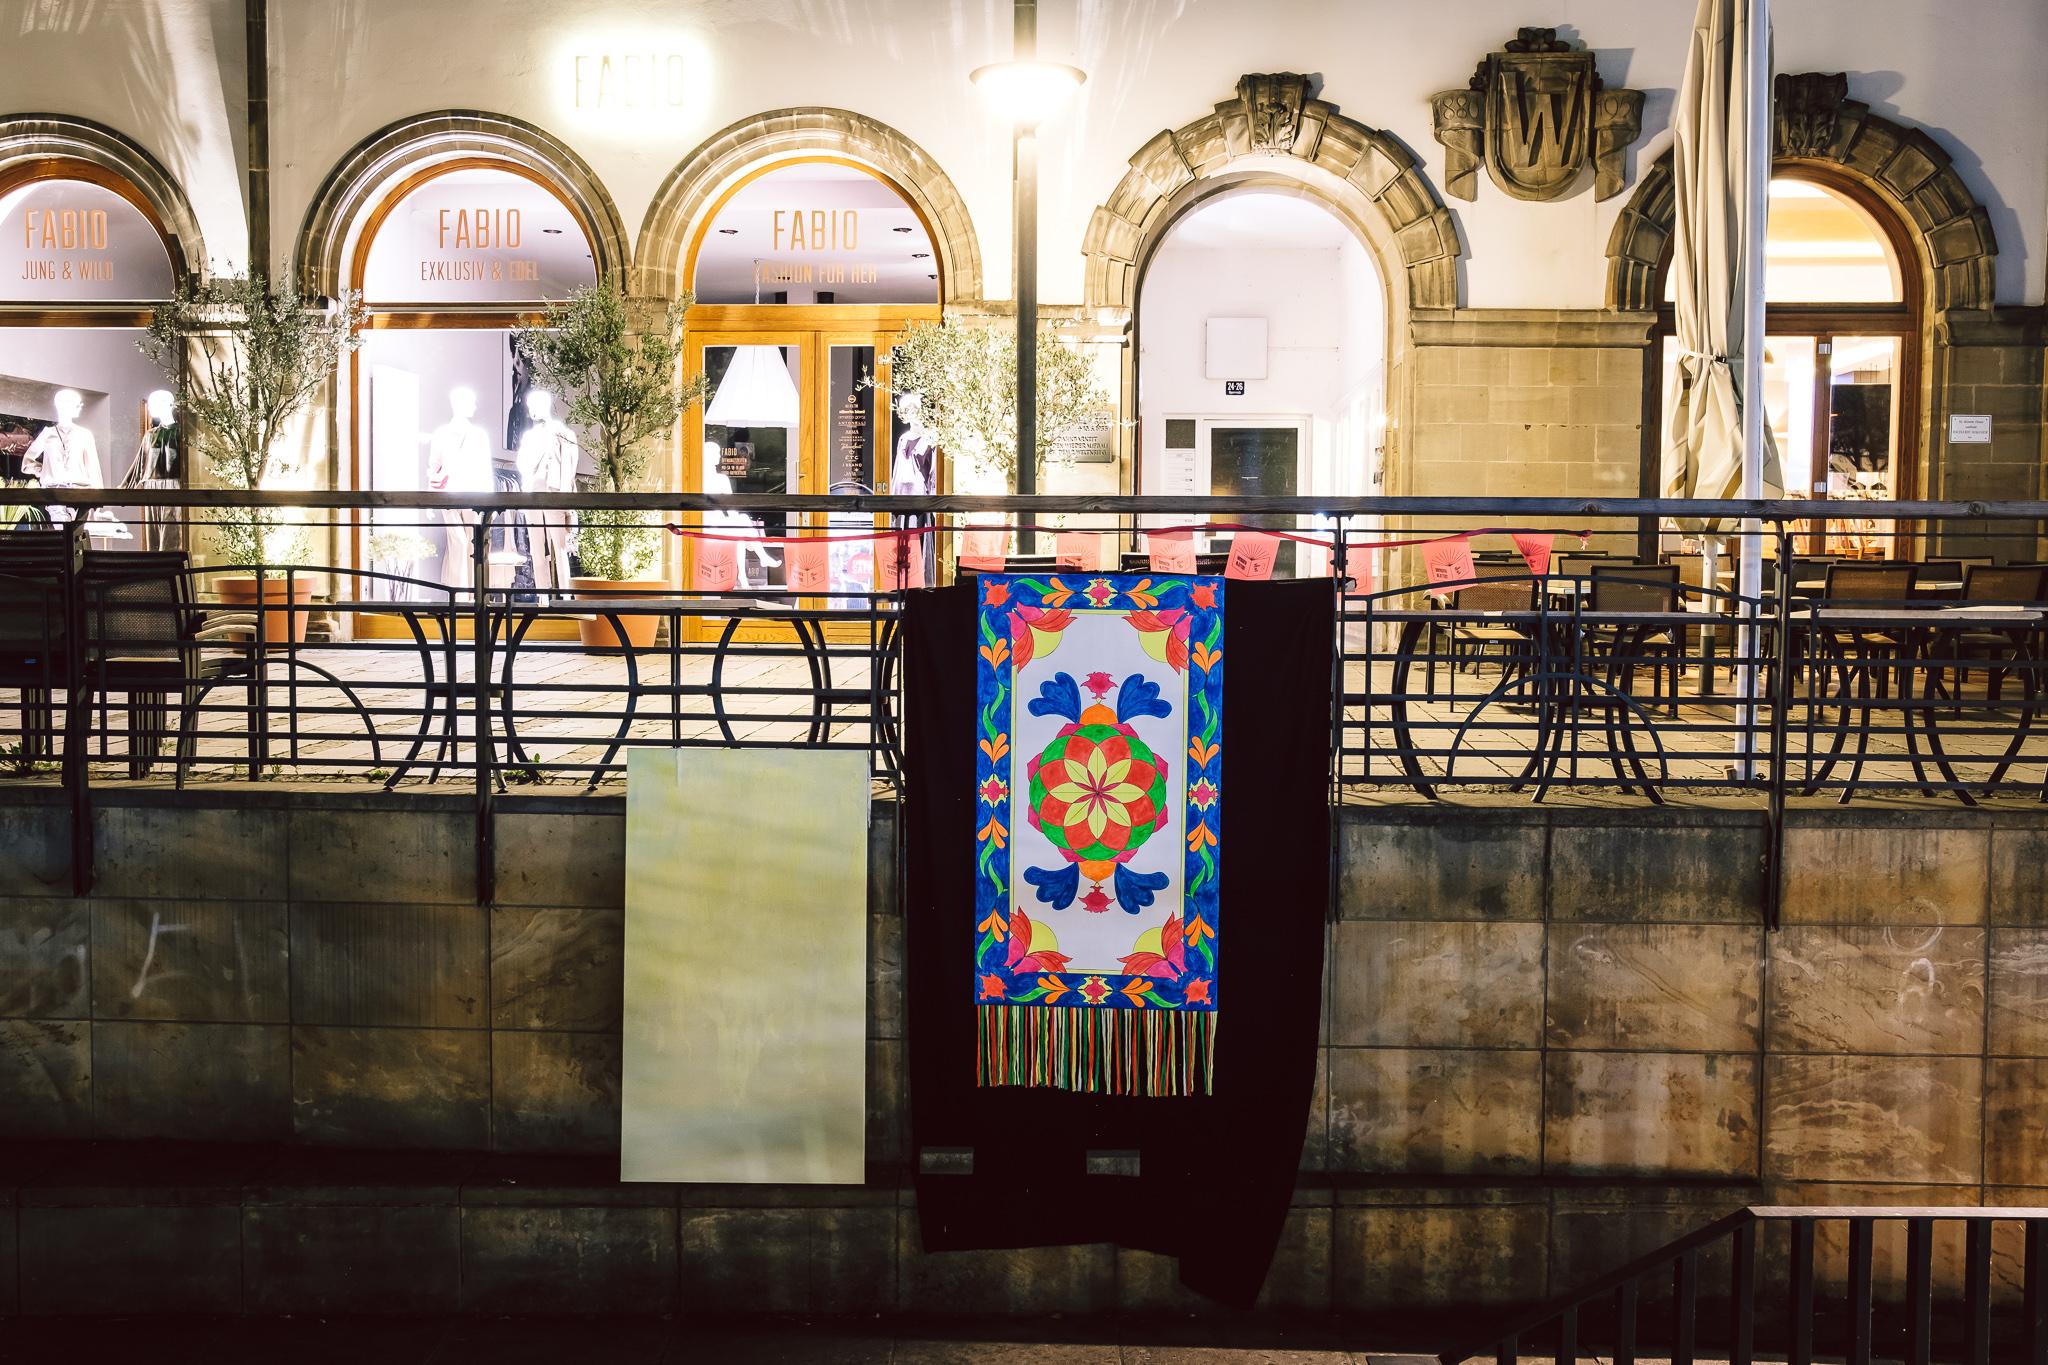 Bayreuth blättert ist ein Lesefest für alle Menschen! Es findet am Samstag, den 18. August 2018 in Bayreuth statt.  ++ am 19.08.2018 in Bayreuth (Bayern).  (c) Andi Weiland   Bayreuth blättert